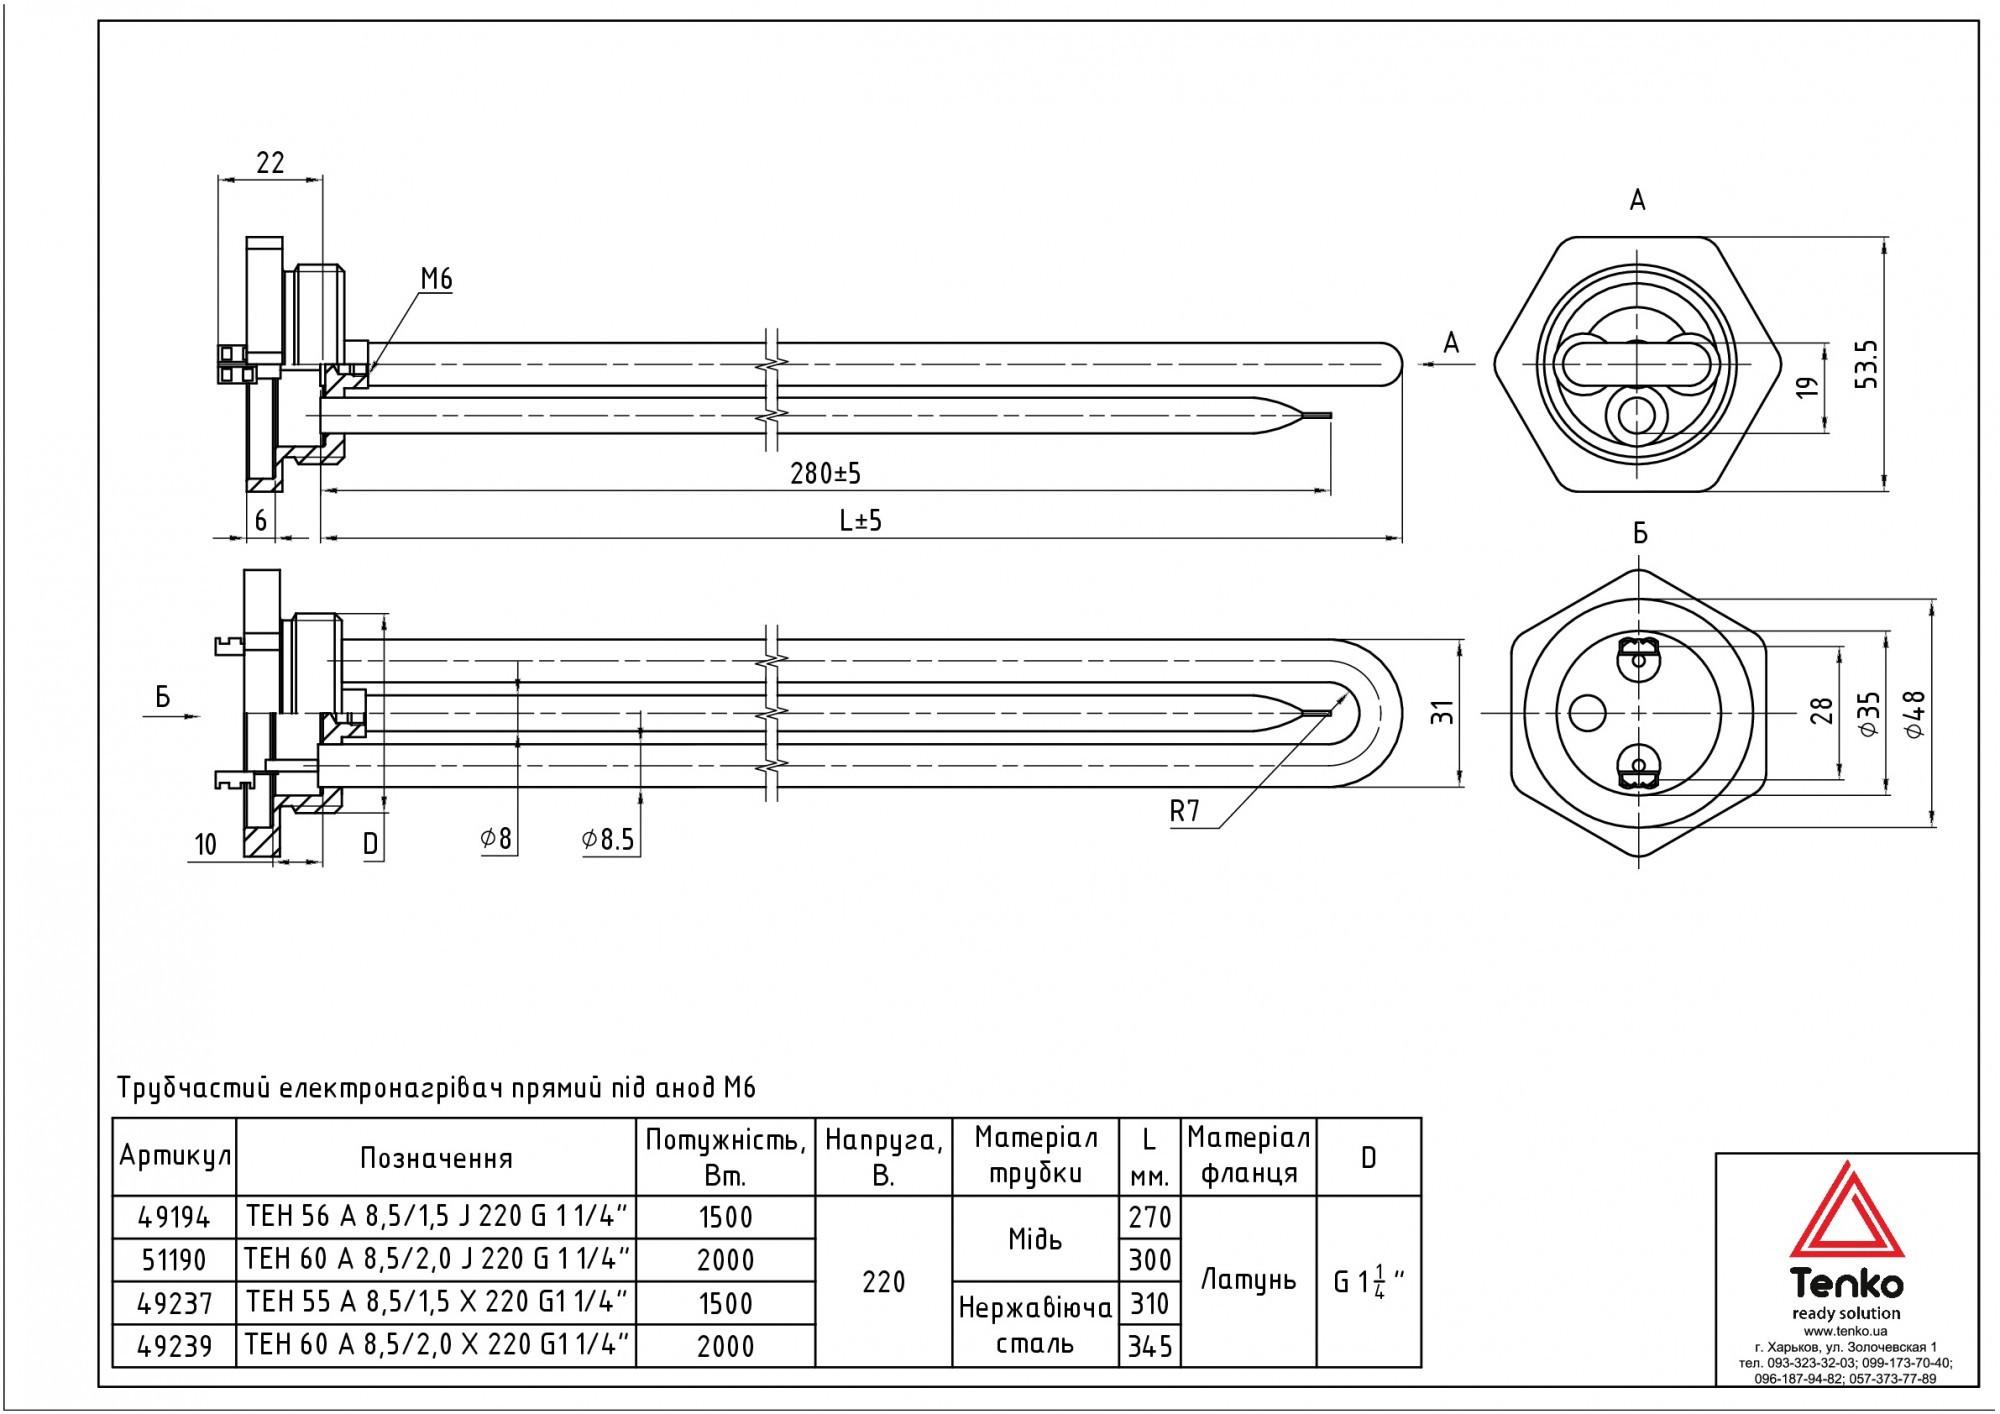 ТЭН Тенко прямой под анод М6 чертеж рис.1